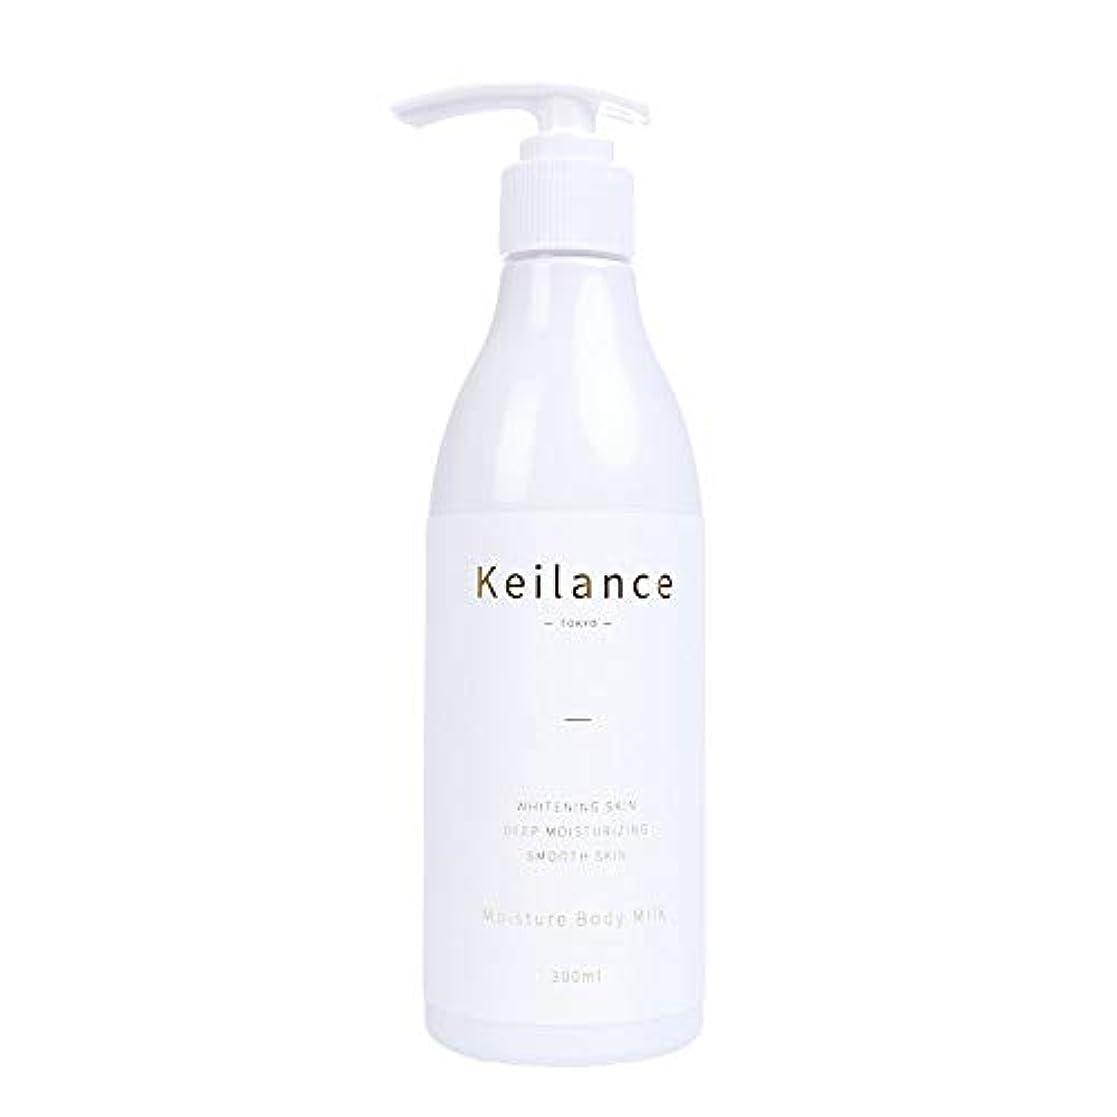 仮称簡潔な海洋KEILANCE (ケイランス) モイスチャーボディミルク 300ml